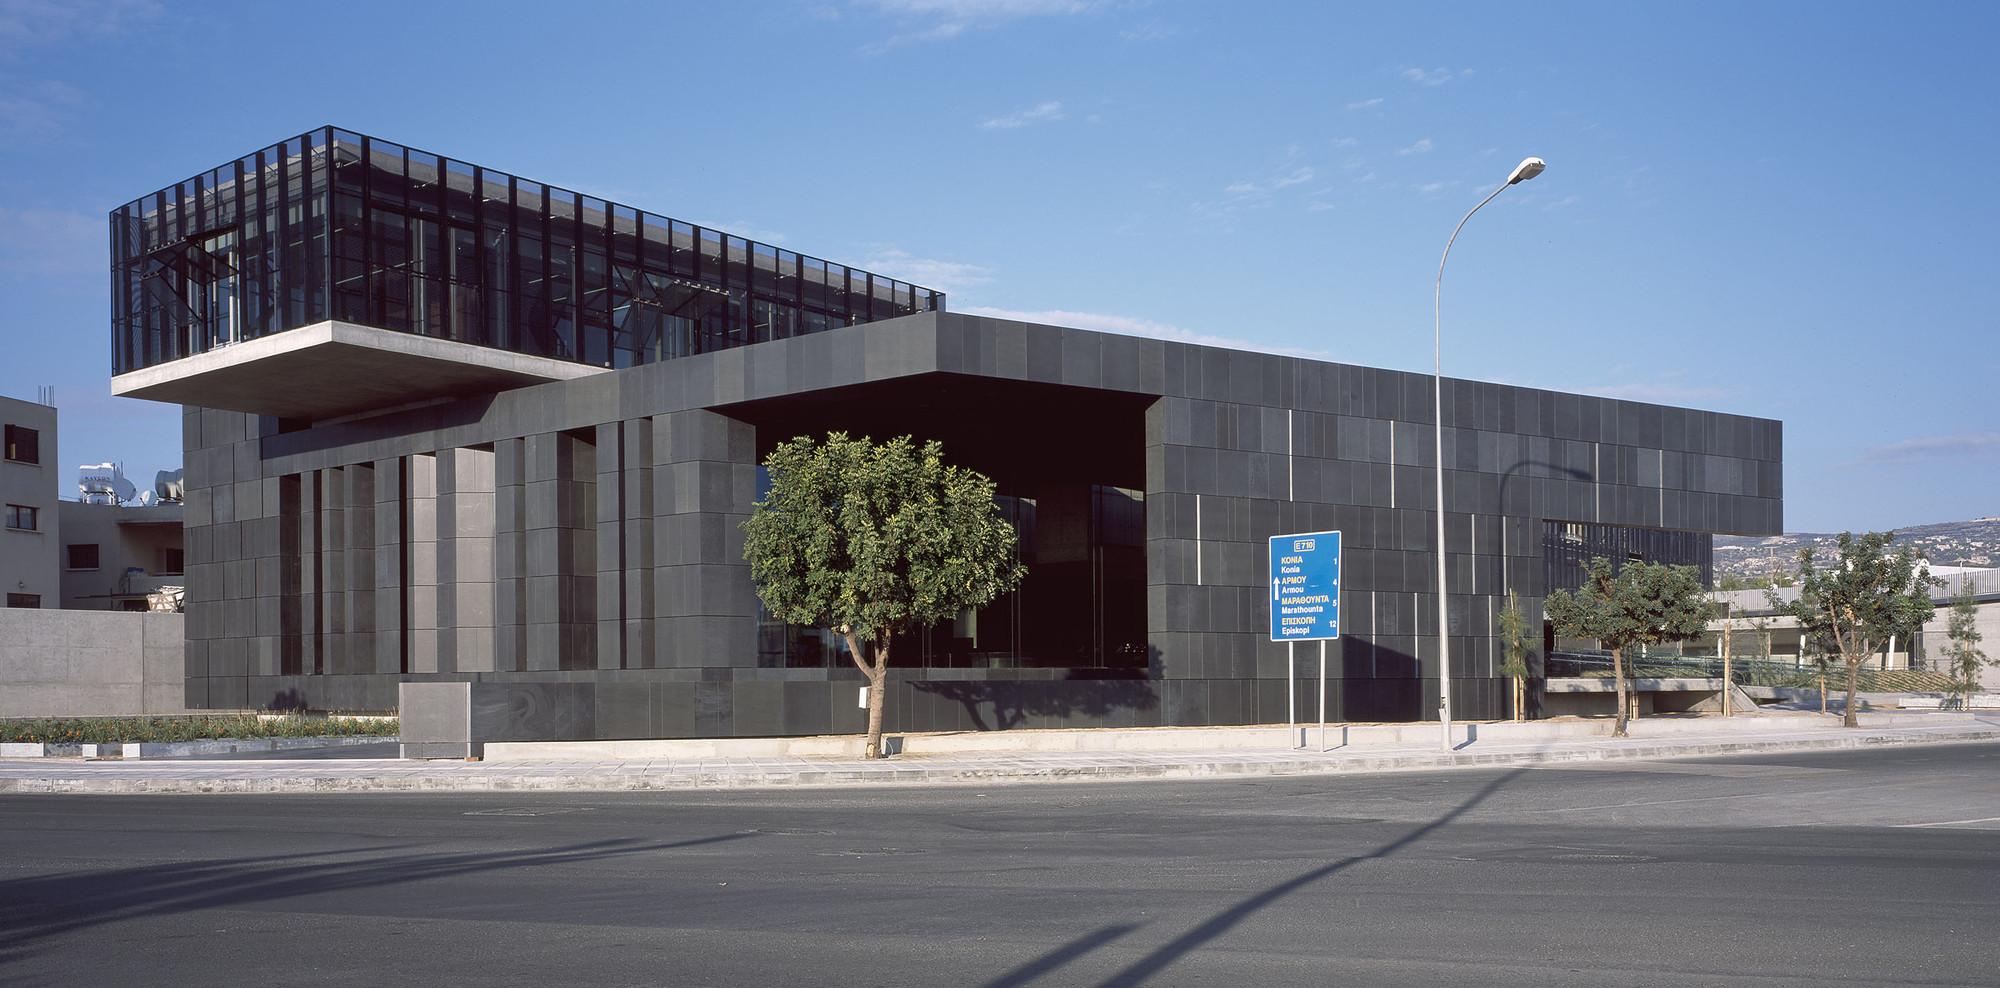 Electricity Authority of Cyprus / Eraclis Papachristou Architects, © Erieta Attali